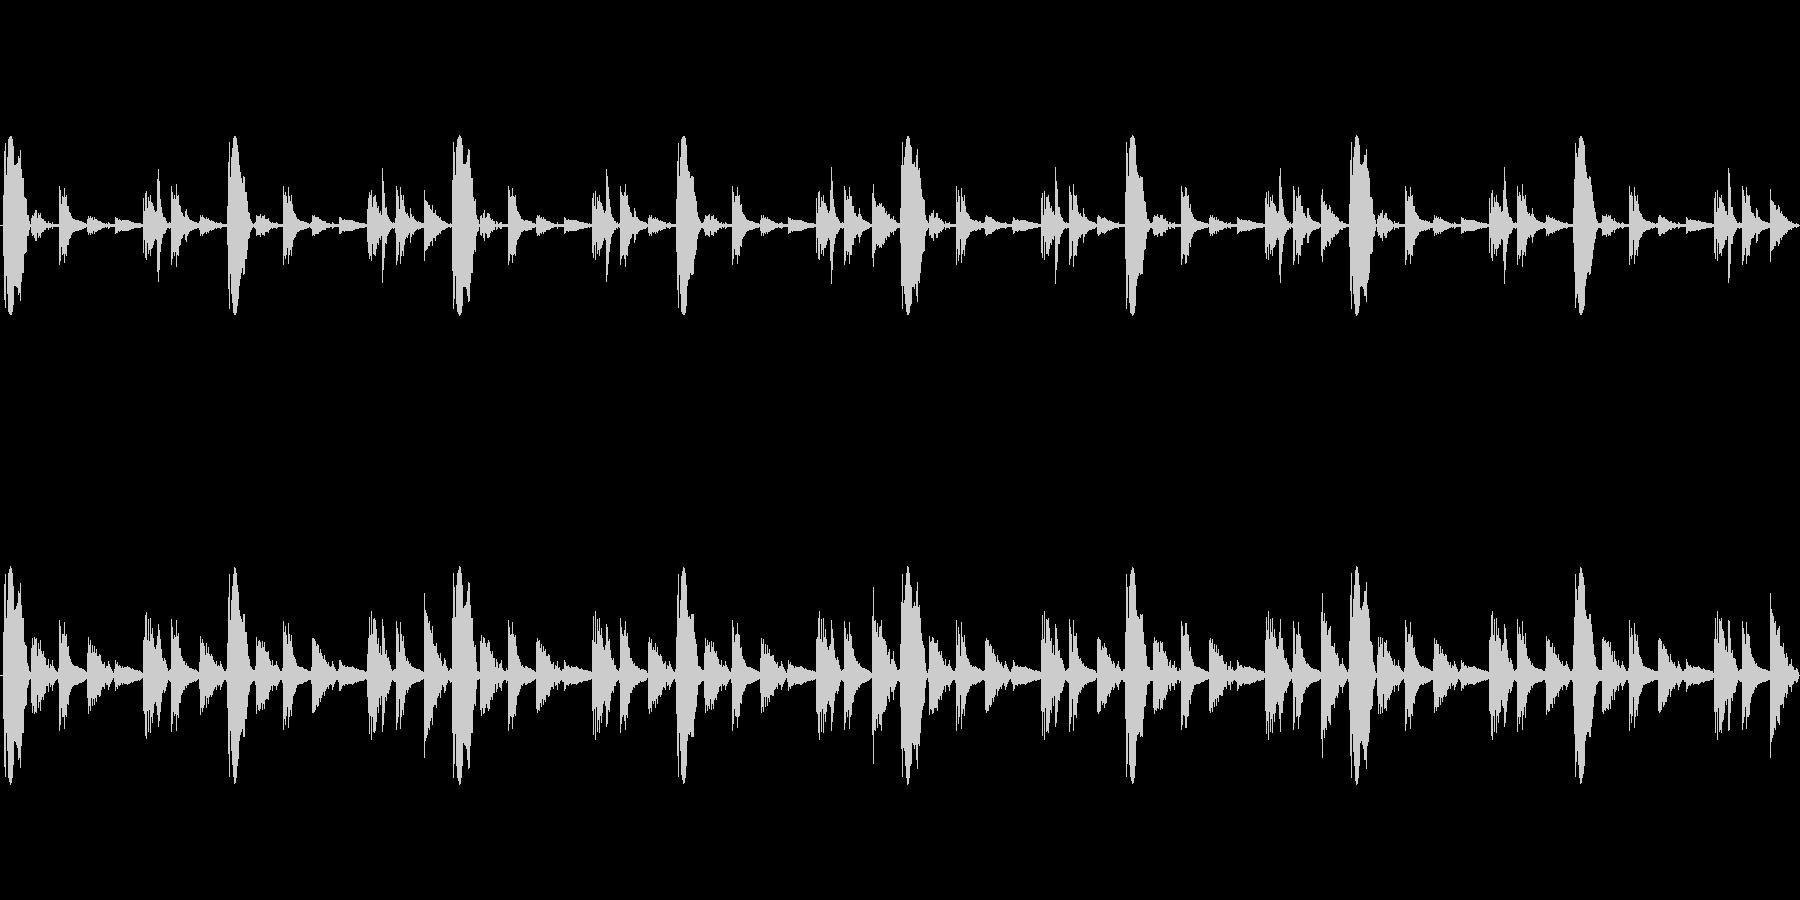 制作方法REASONのサンプラーでTE…の未再生の波形